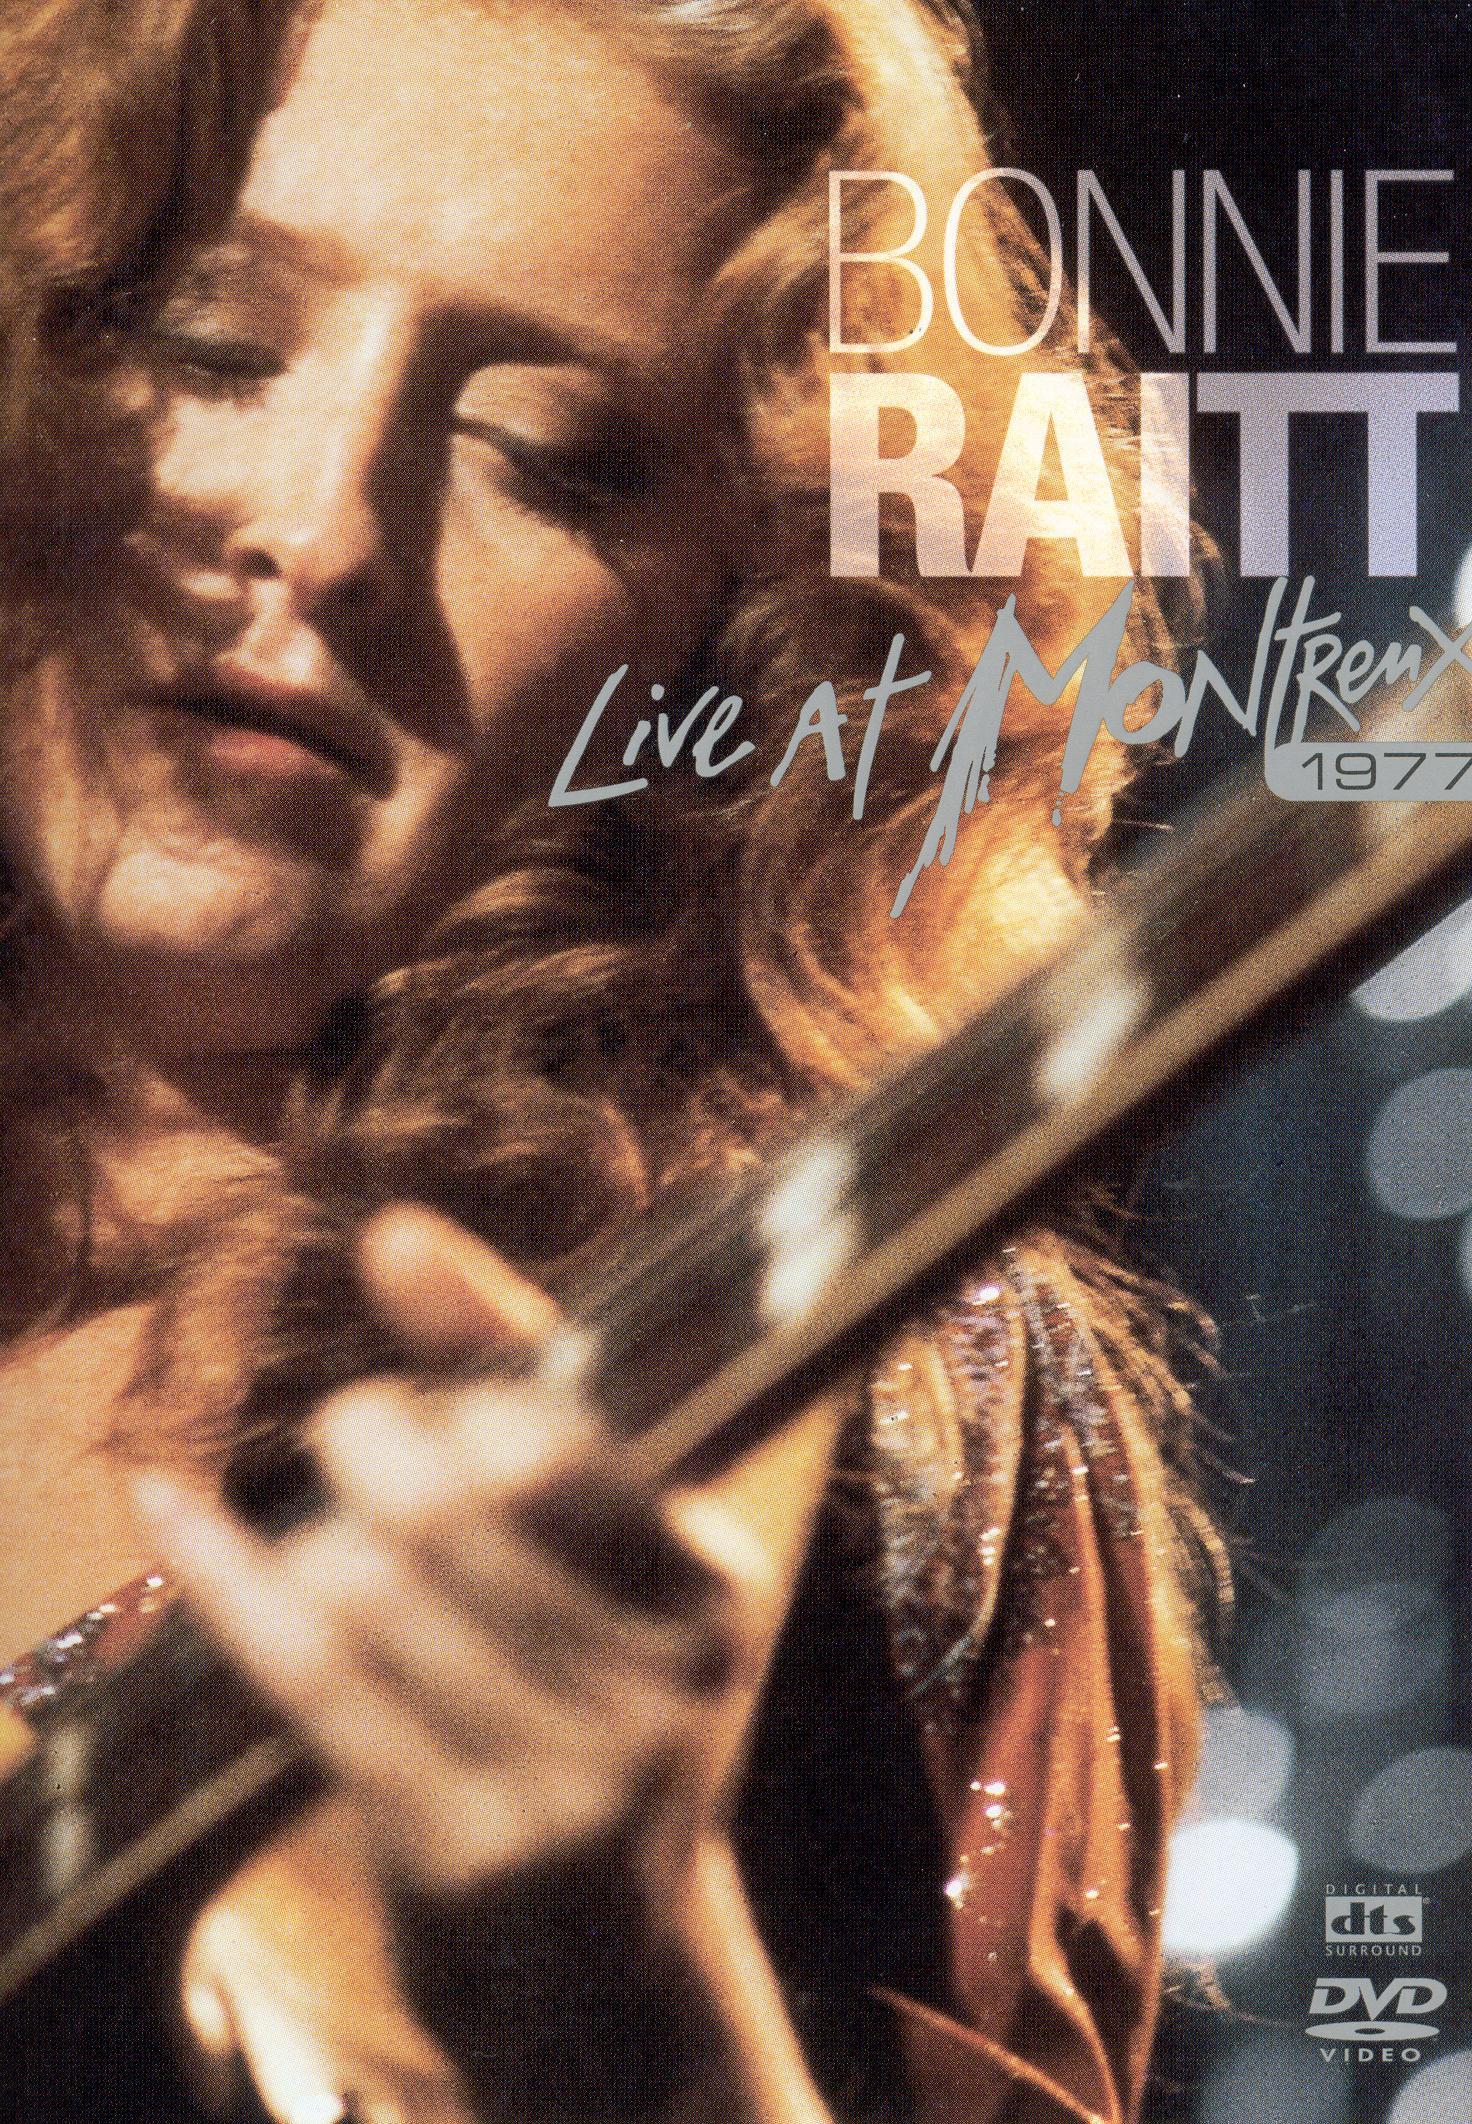 Bonnie Raitt: Live at Montreux, 1977